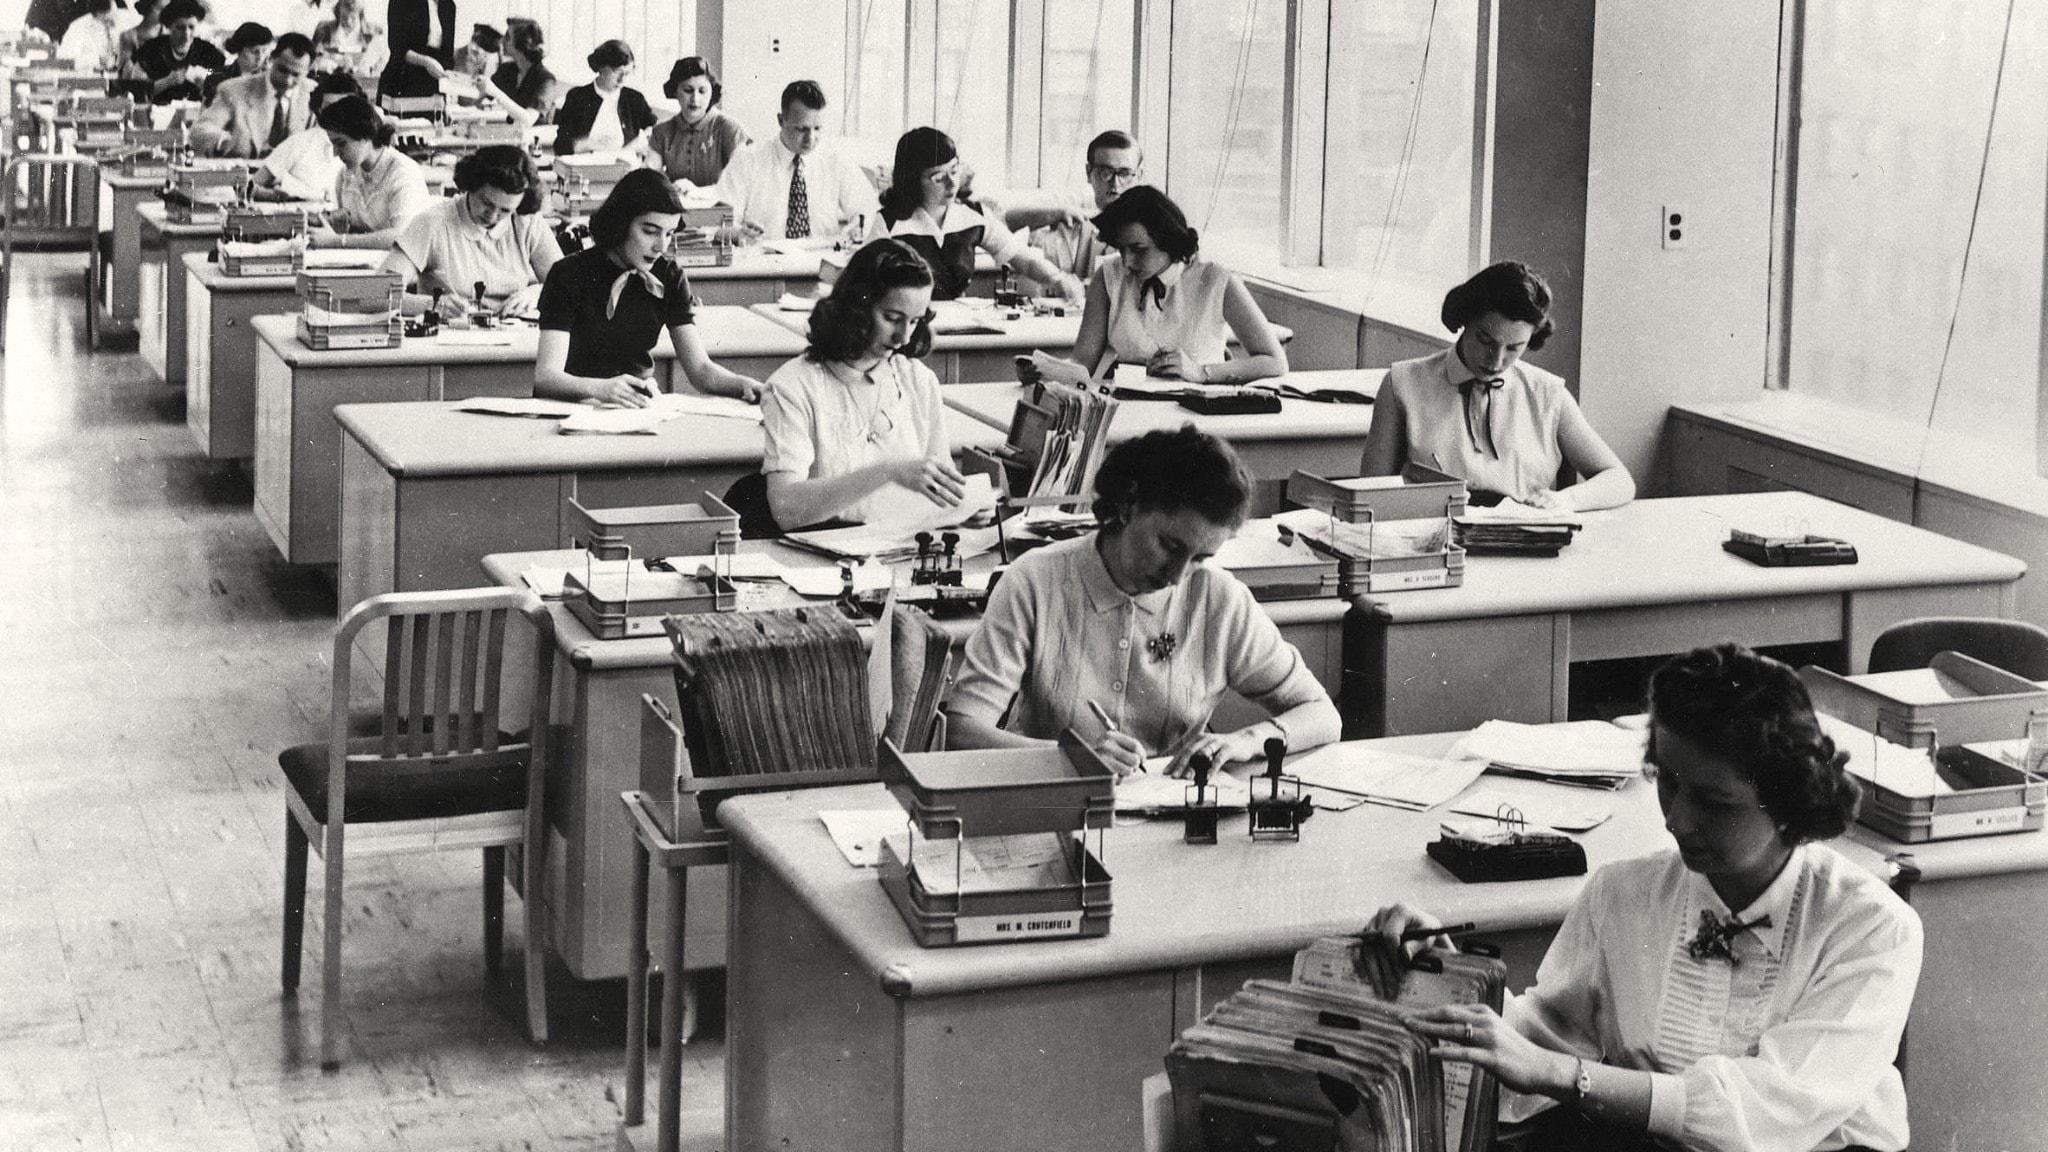 Kontorsmiljö från 1950-tal.